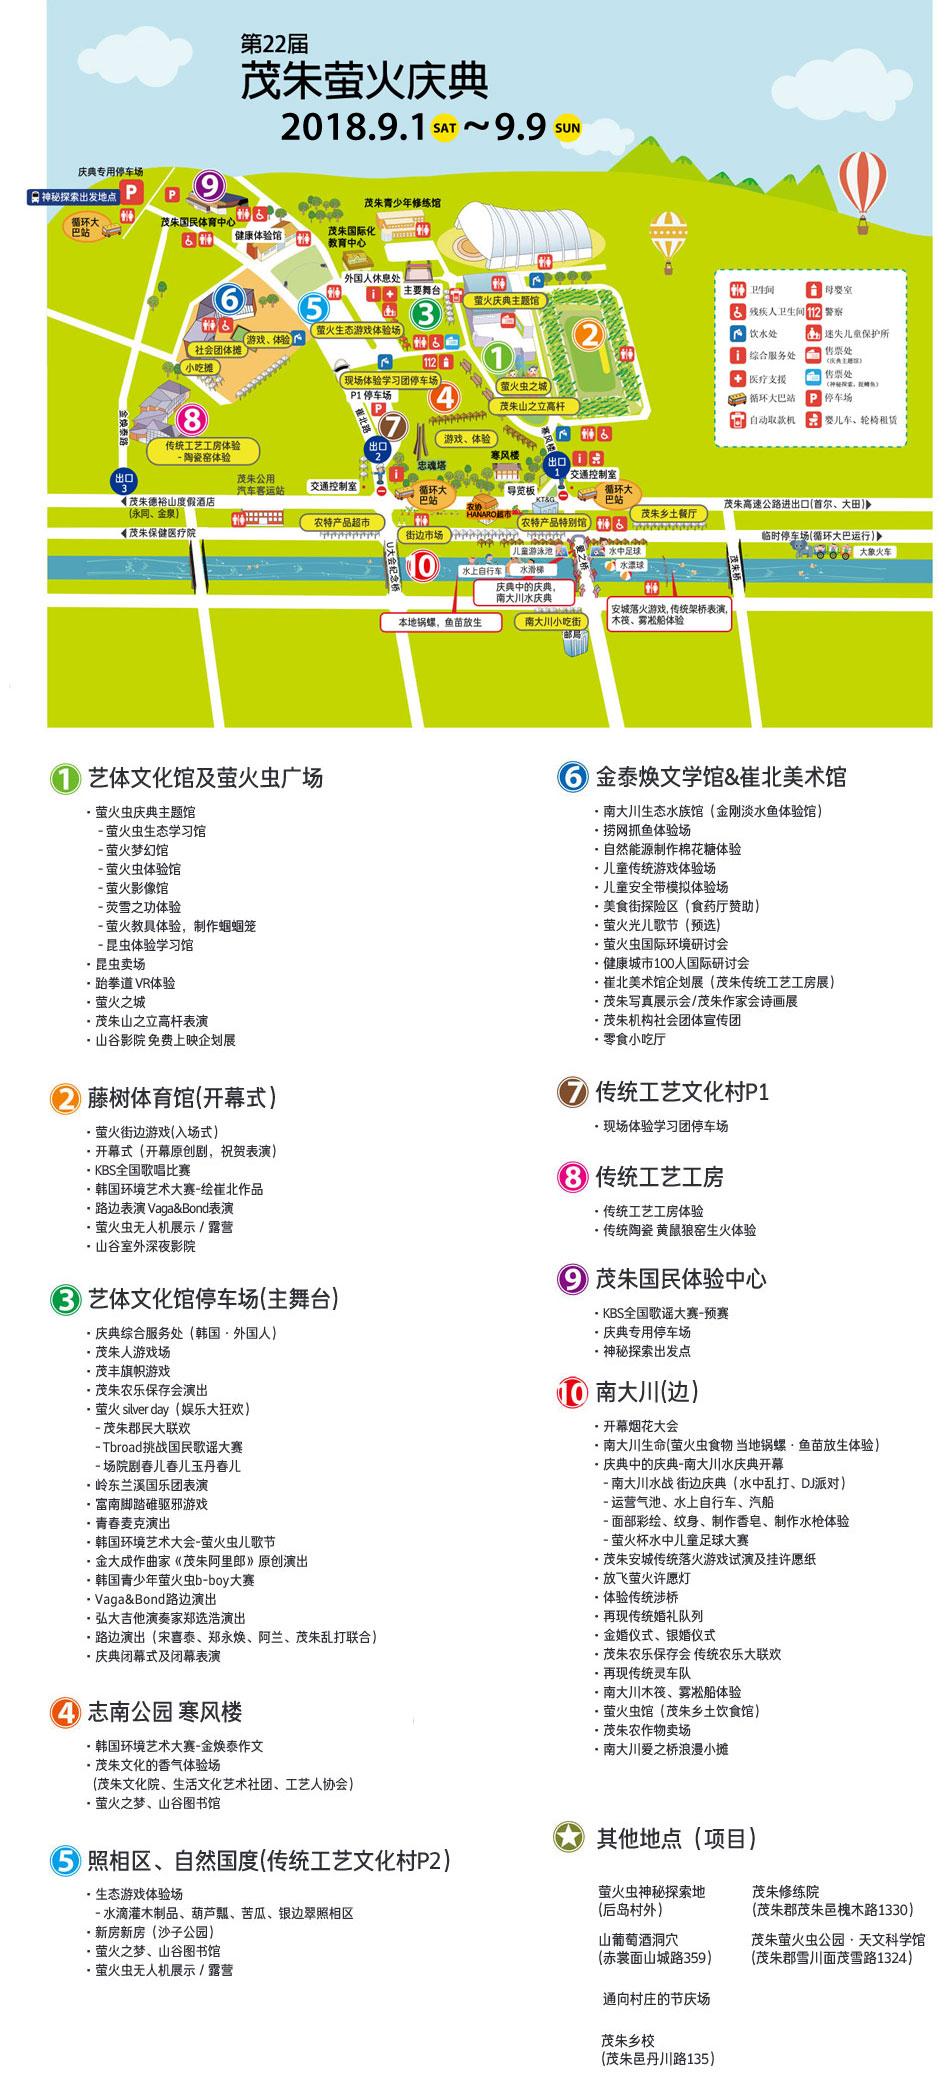 festivalmap_2018.jpg